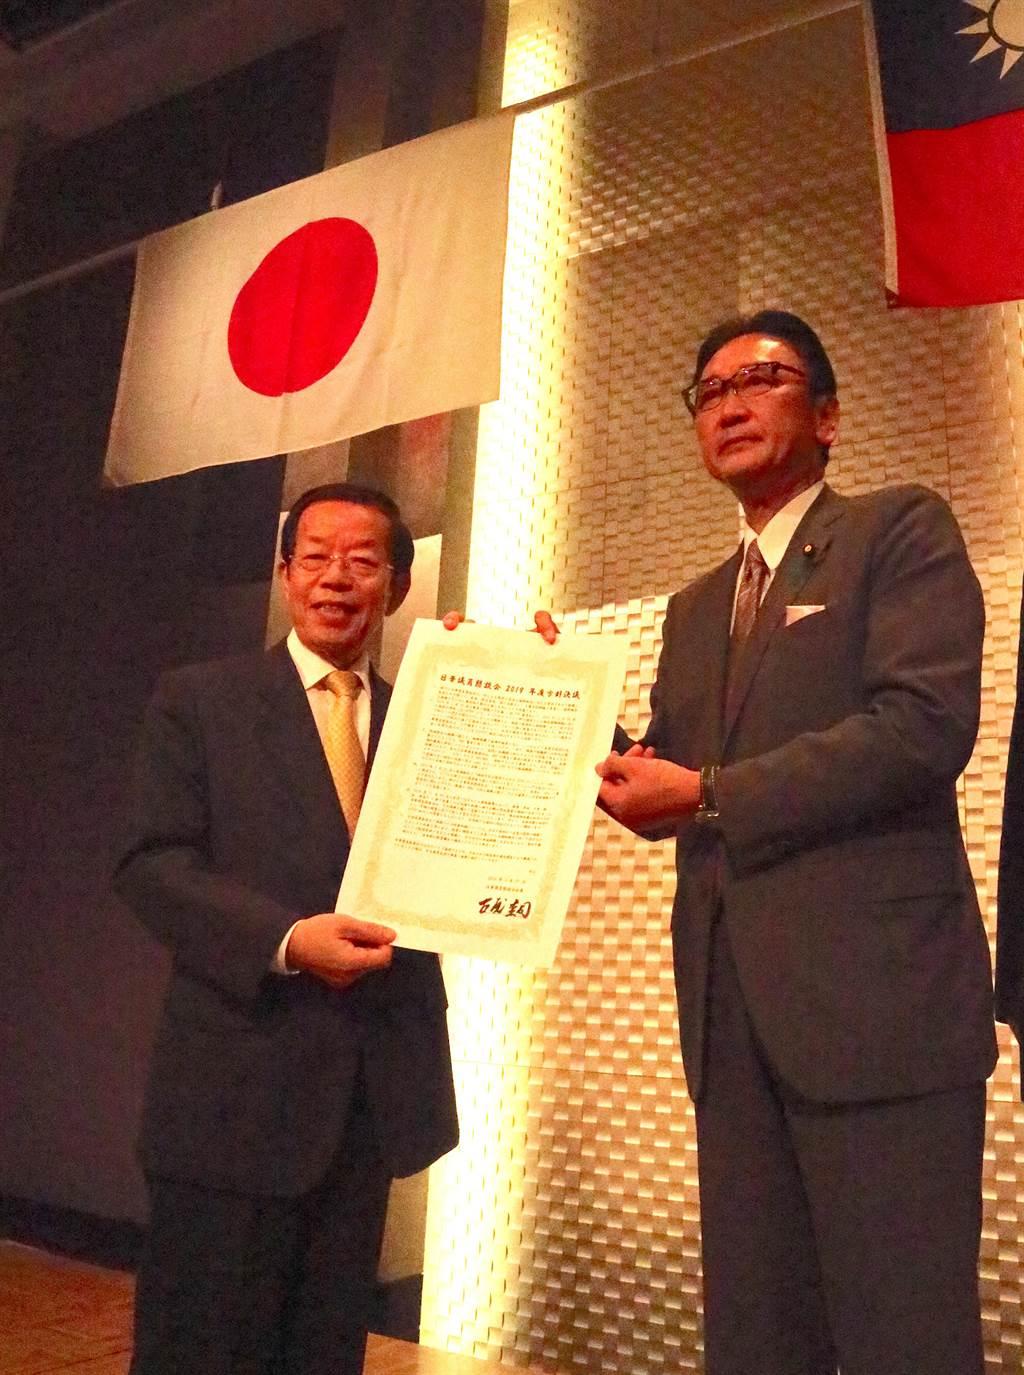 日華議員懇談會會長古屋圭司27日在東京將日華懇的決議文交給謝長廷。(黃菁菁攝)